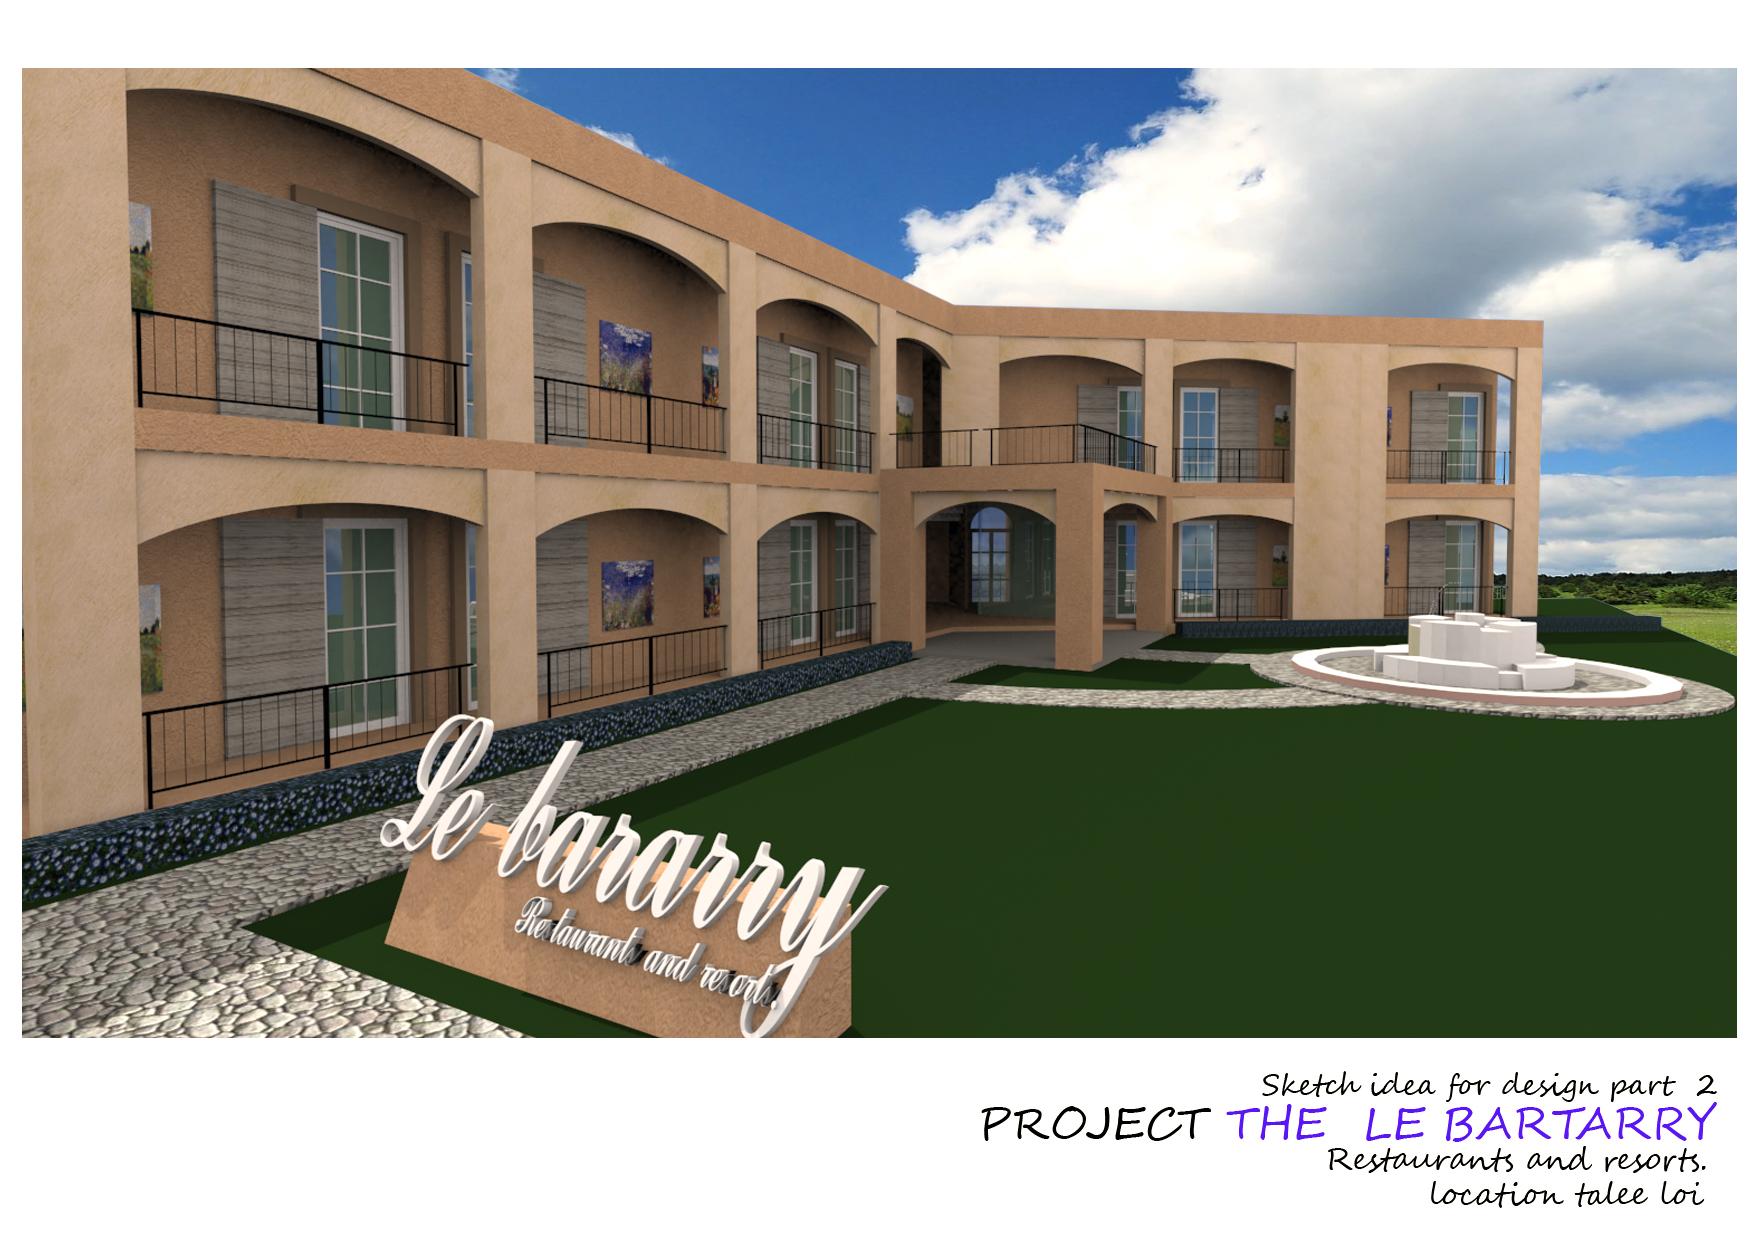 ก่อสร้างโรงแรม